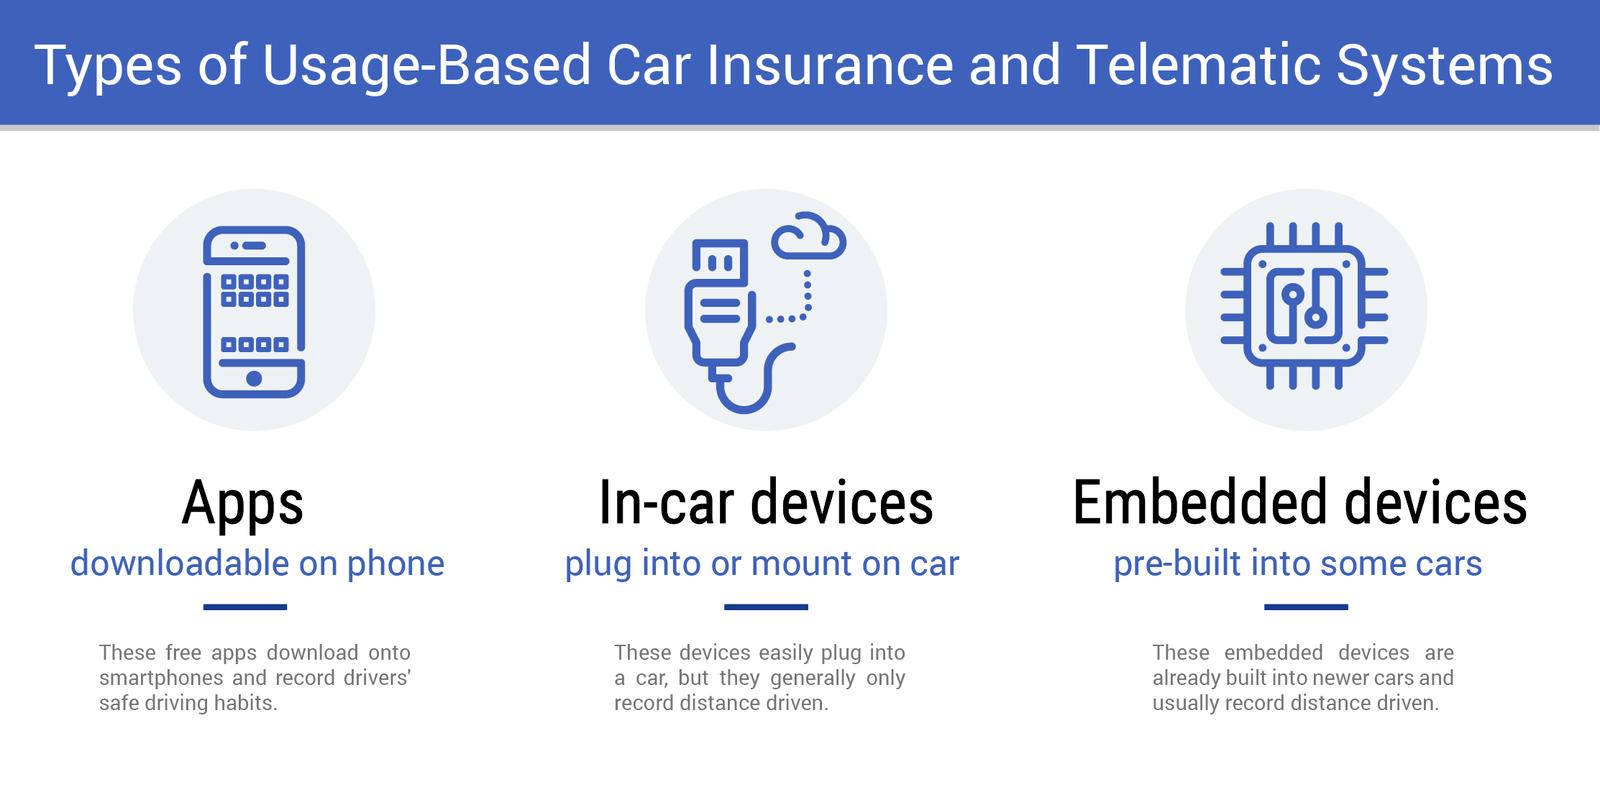 Types of Usage Based Car Insurnace